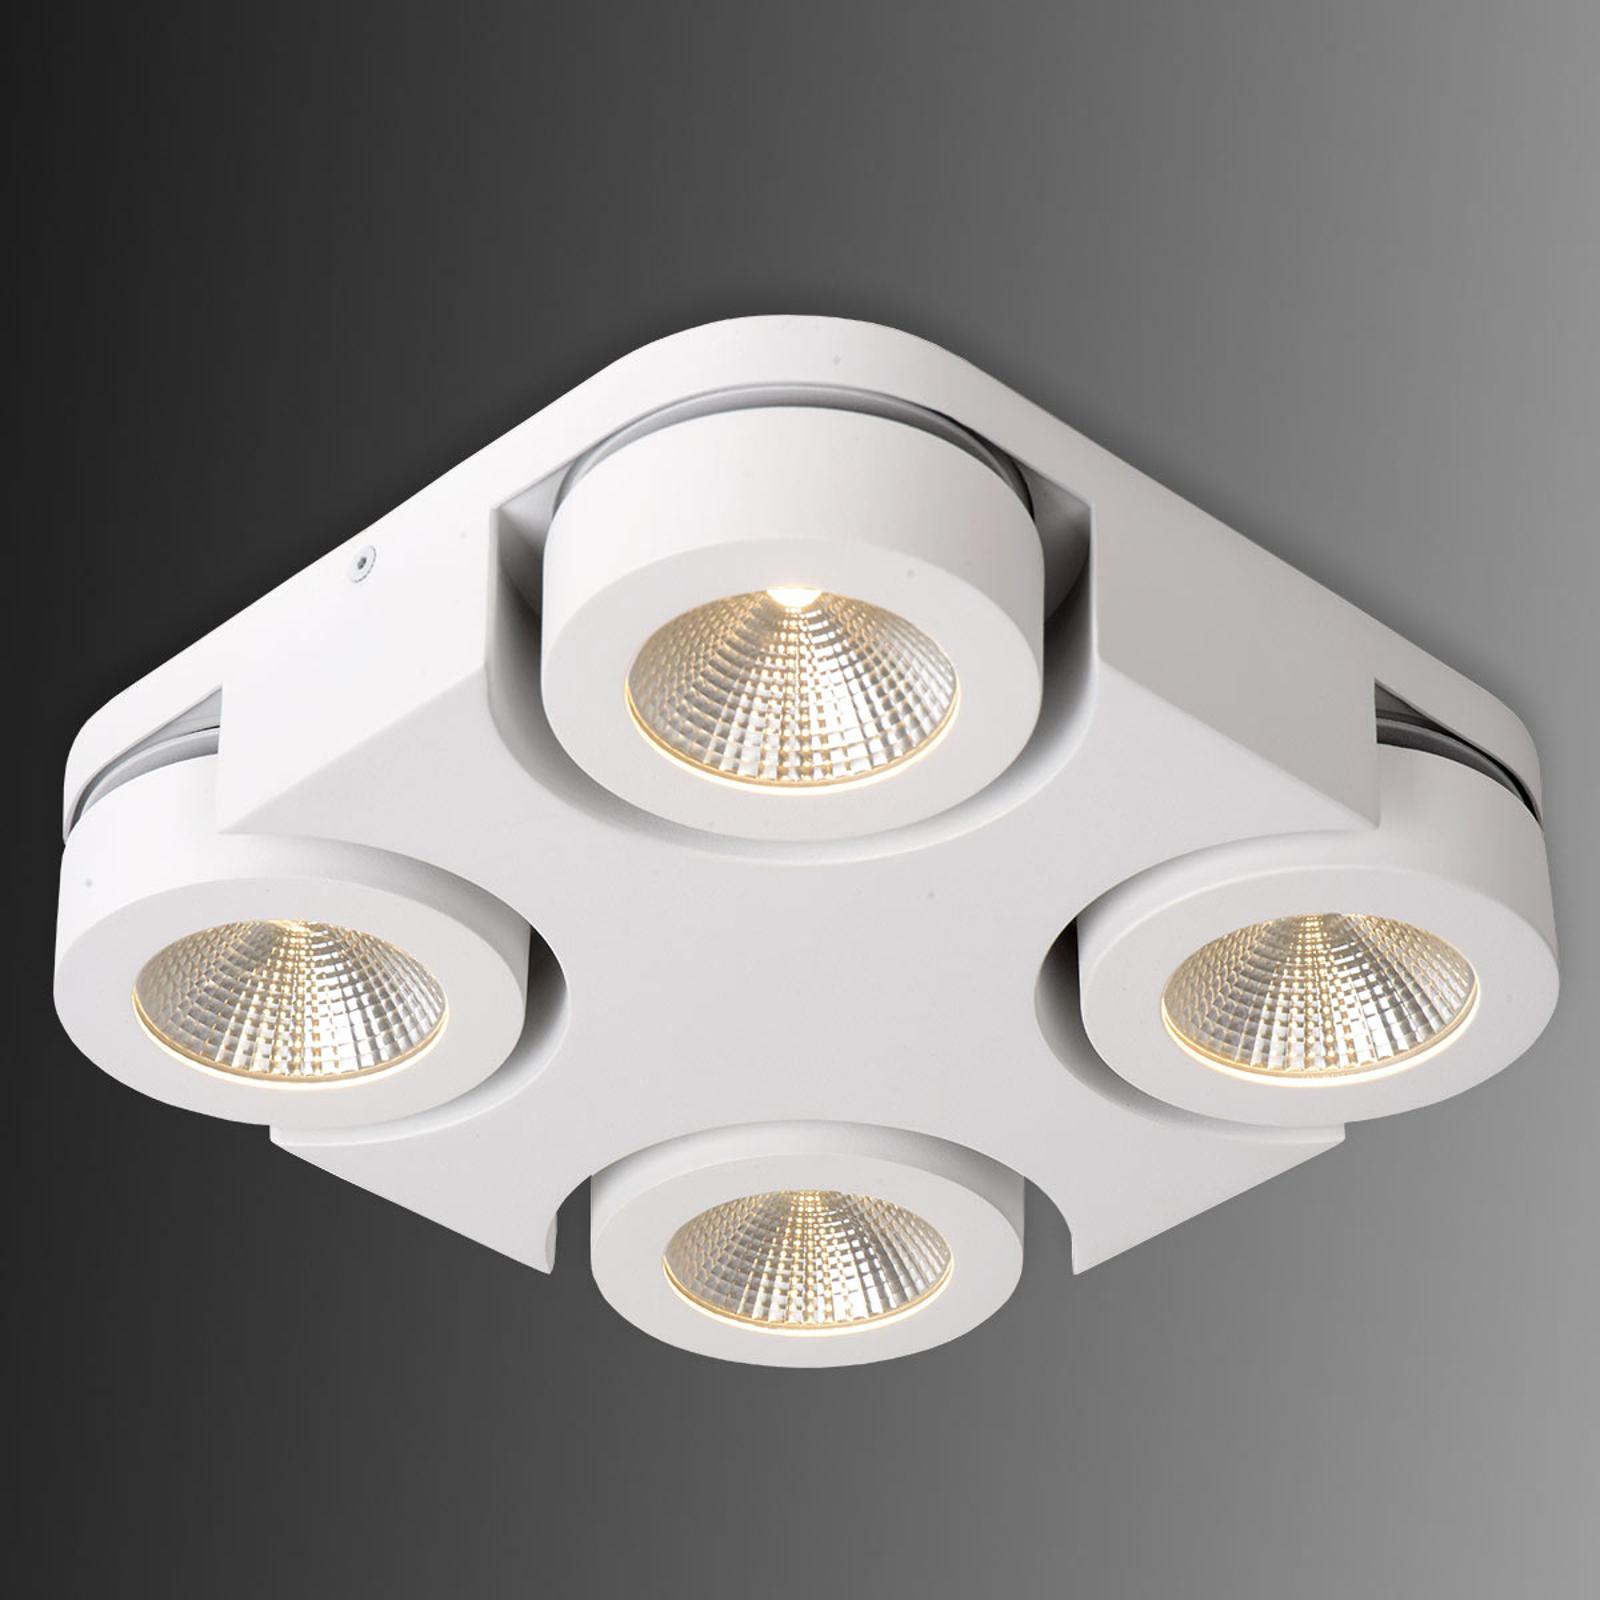 Neliönmuotoinen LED-kattovalaisin Mitrax